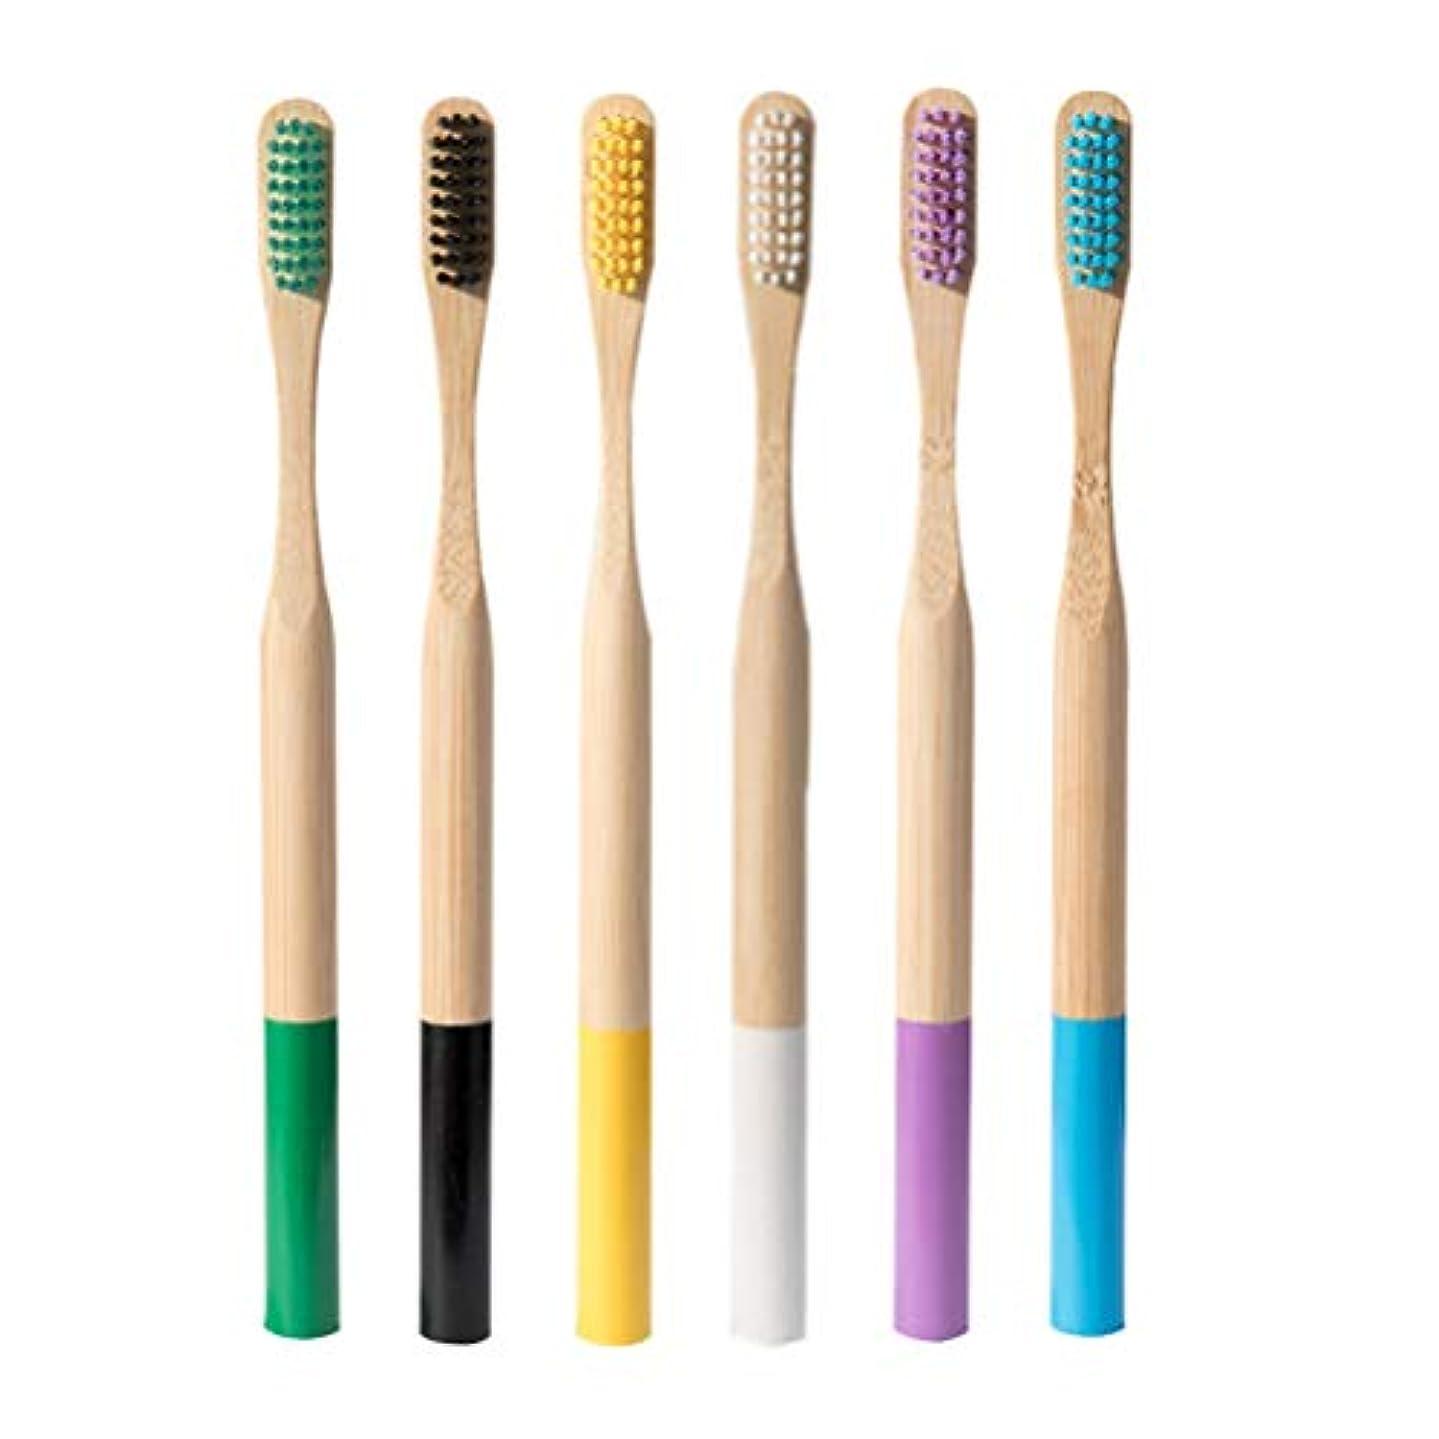 アンタゴニスト航海の個人的なHealifty 6ピース生分解性天然炭竹歯ブラシ細かい毛歯ブラシ旅行屋外キャンプ用